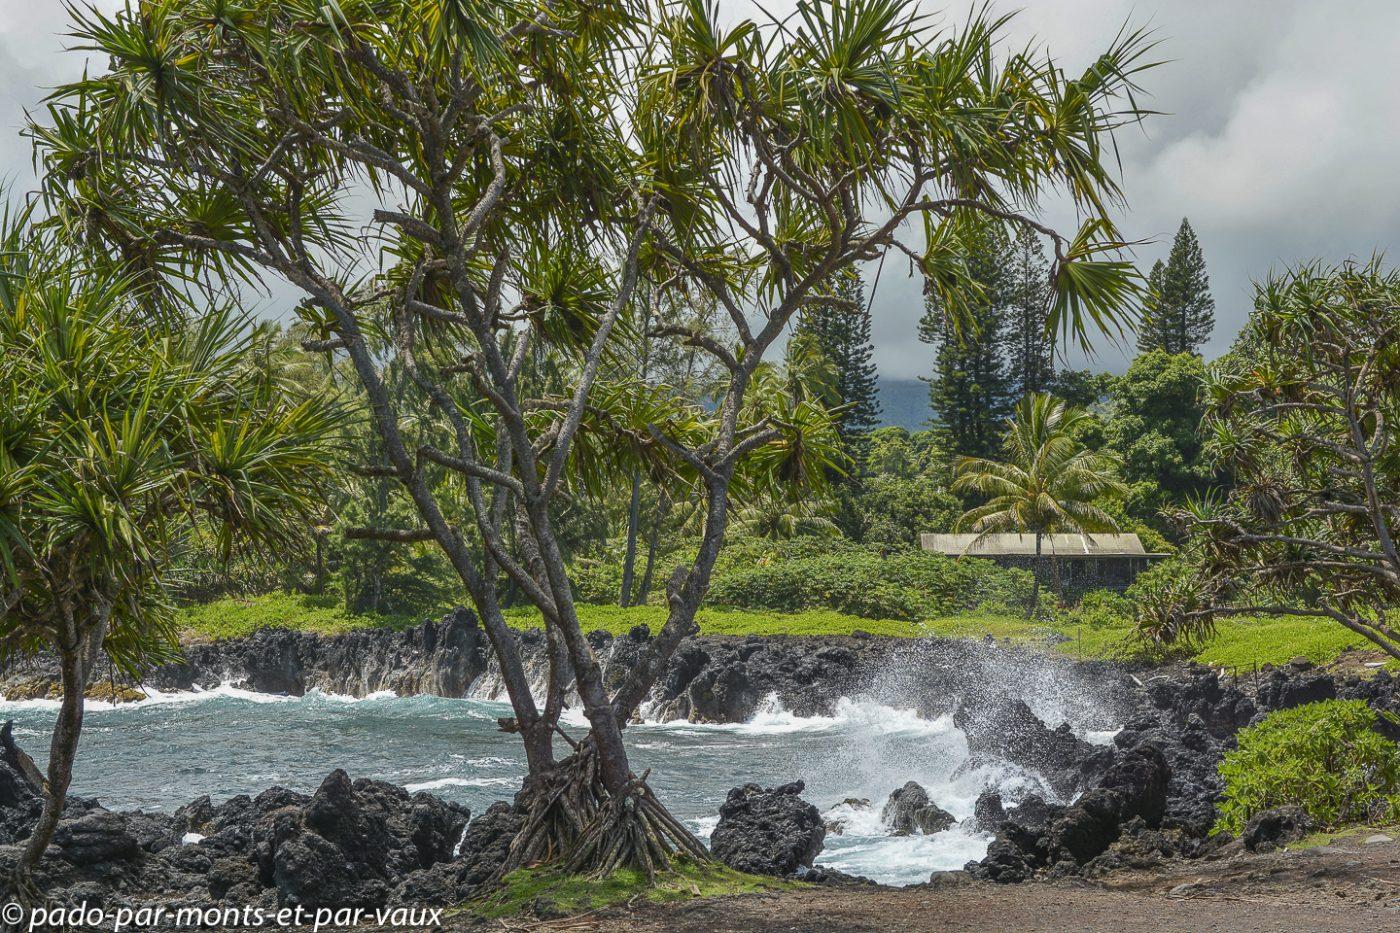 Maui - Route de Hana - Keanae peninsula